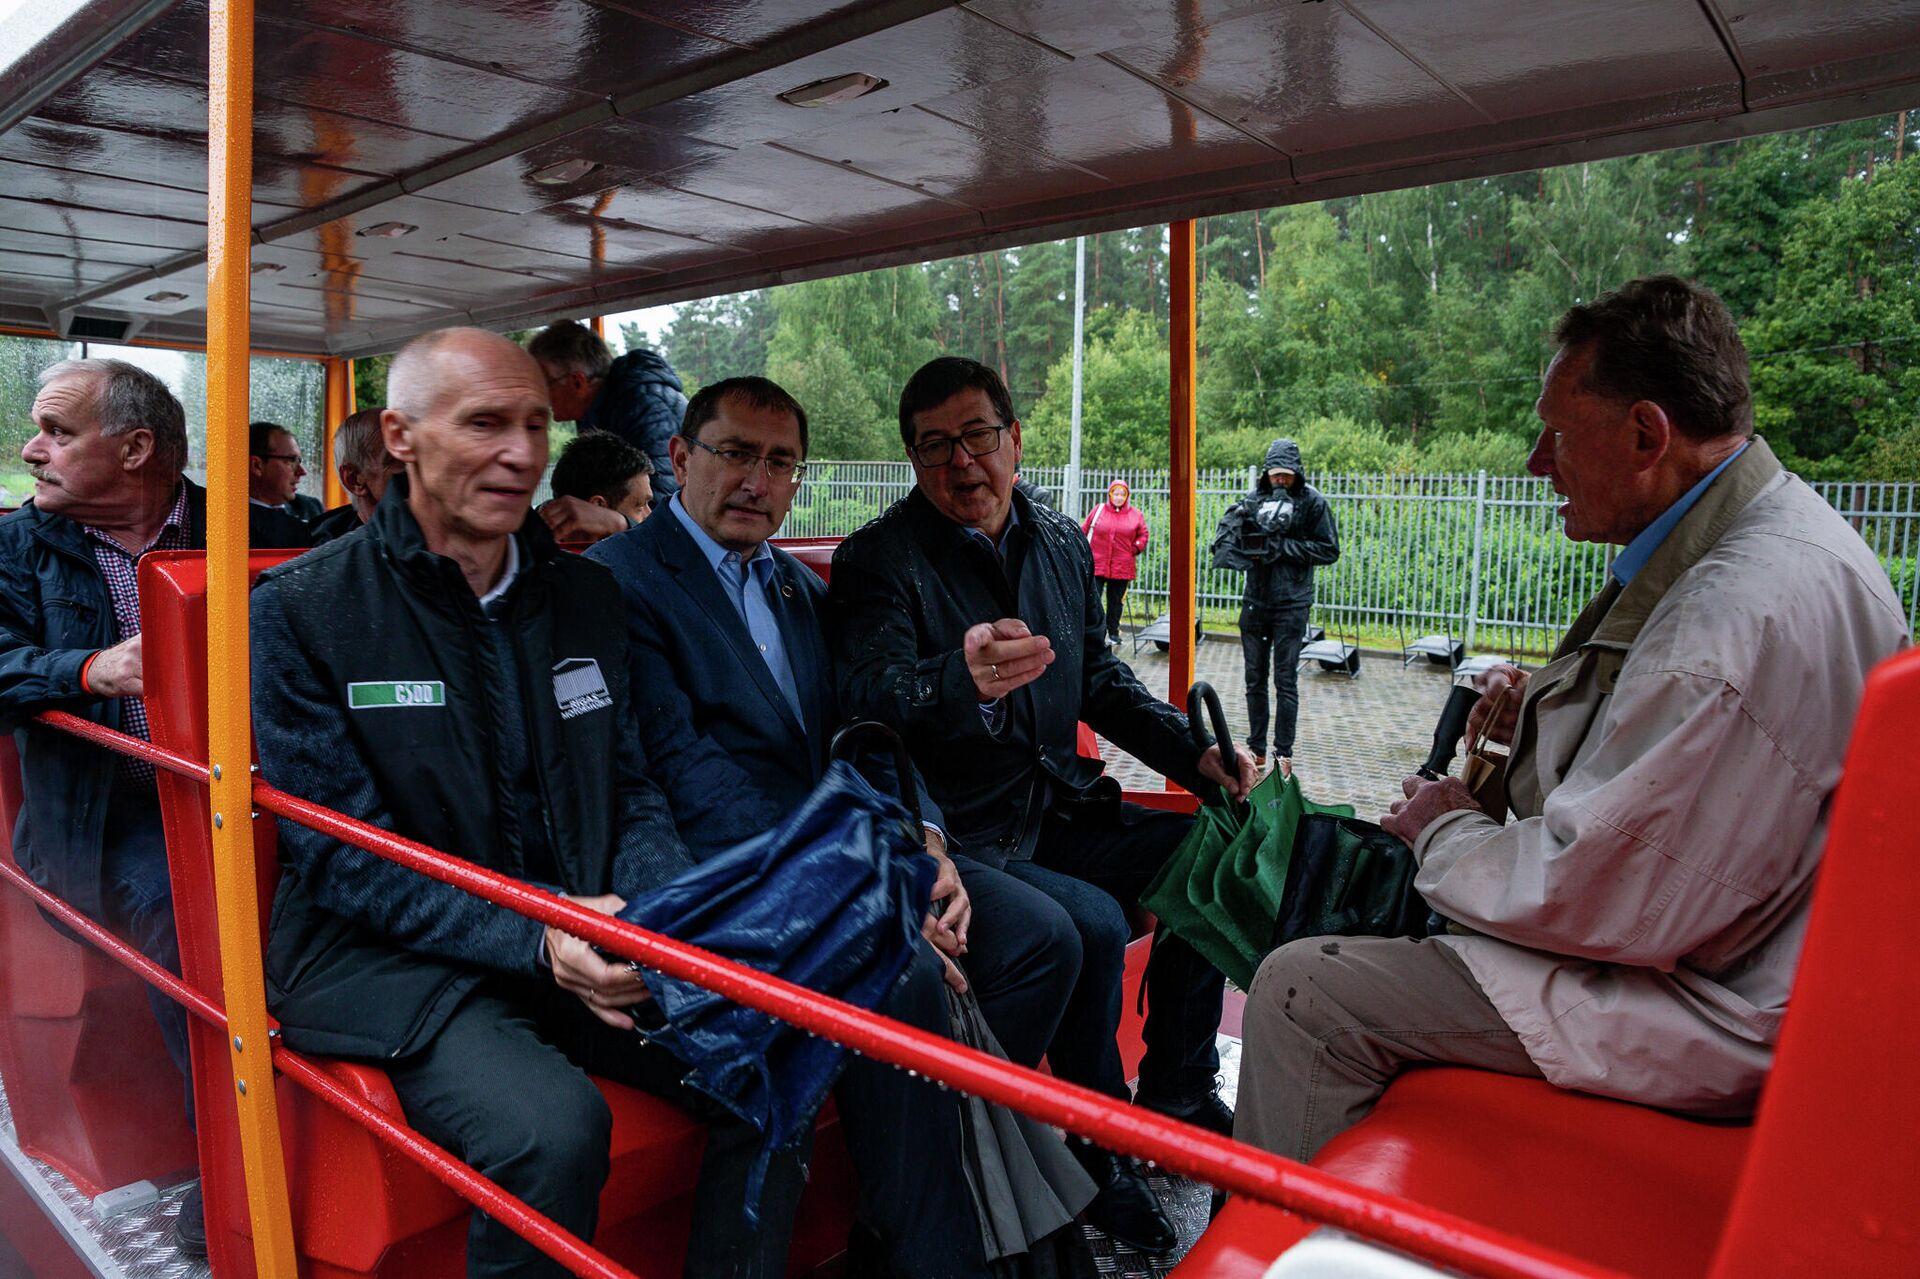 Вип персоны совершили поездку на автопоезде RAF Latvija по гоночной трассе Бикерниеки - Sputnik Латвия, 1920, 05.09.2021